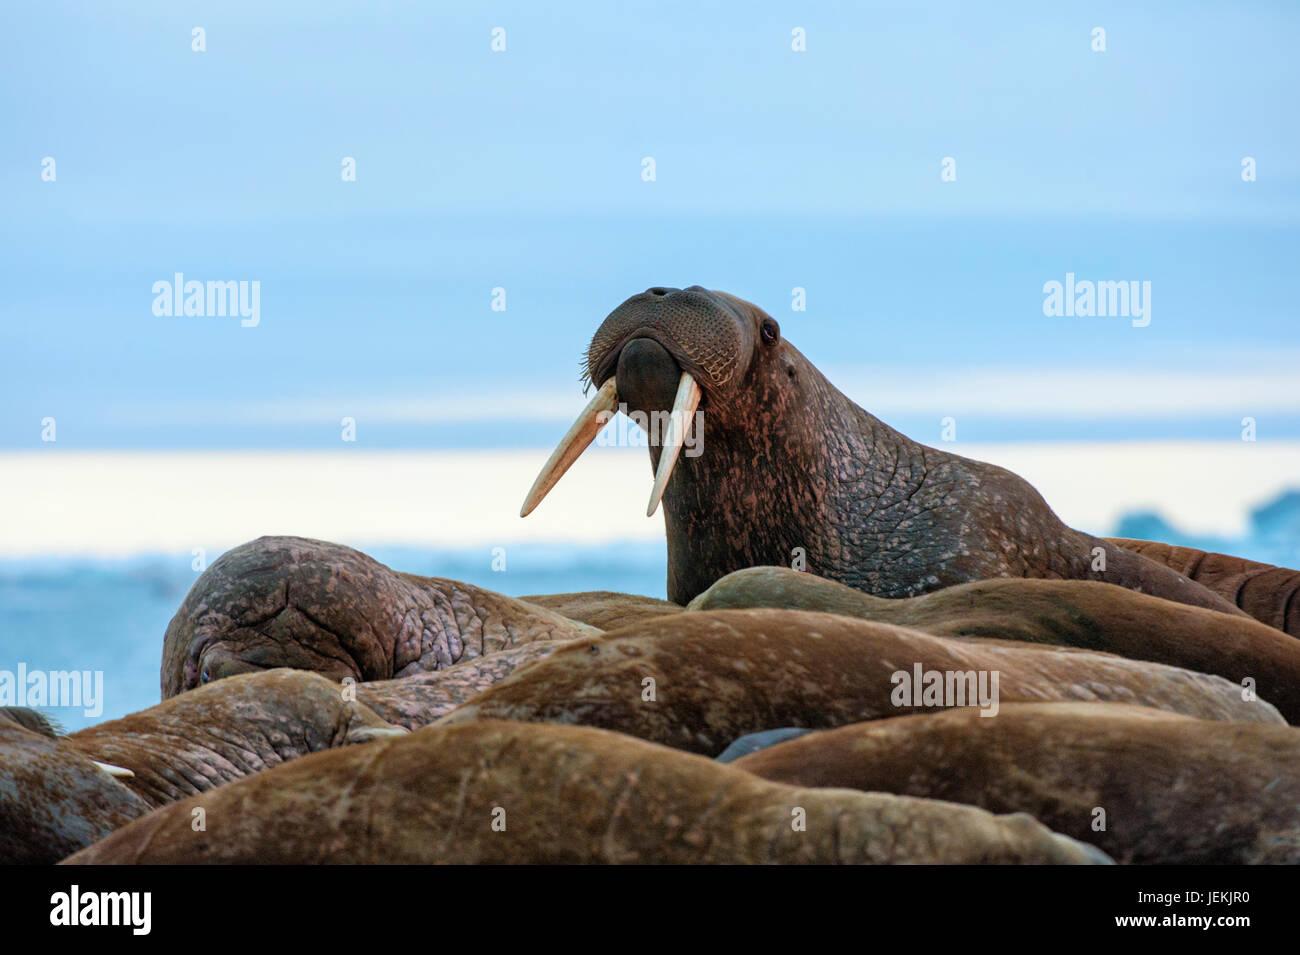 Los últimos rayos de sol vespertino golpeando a un grupo de morsas (Odobenus rosmarus, isla de Wrangel, Mar Imagen De Stock